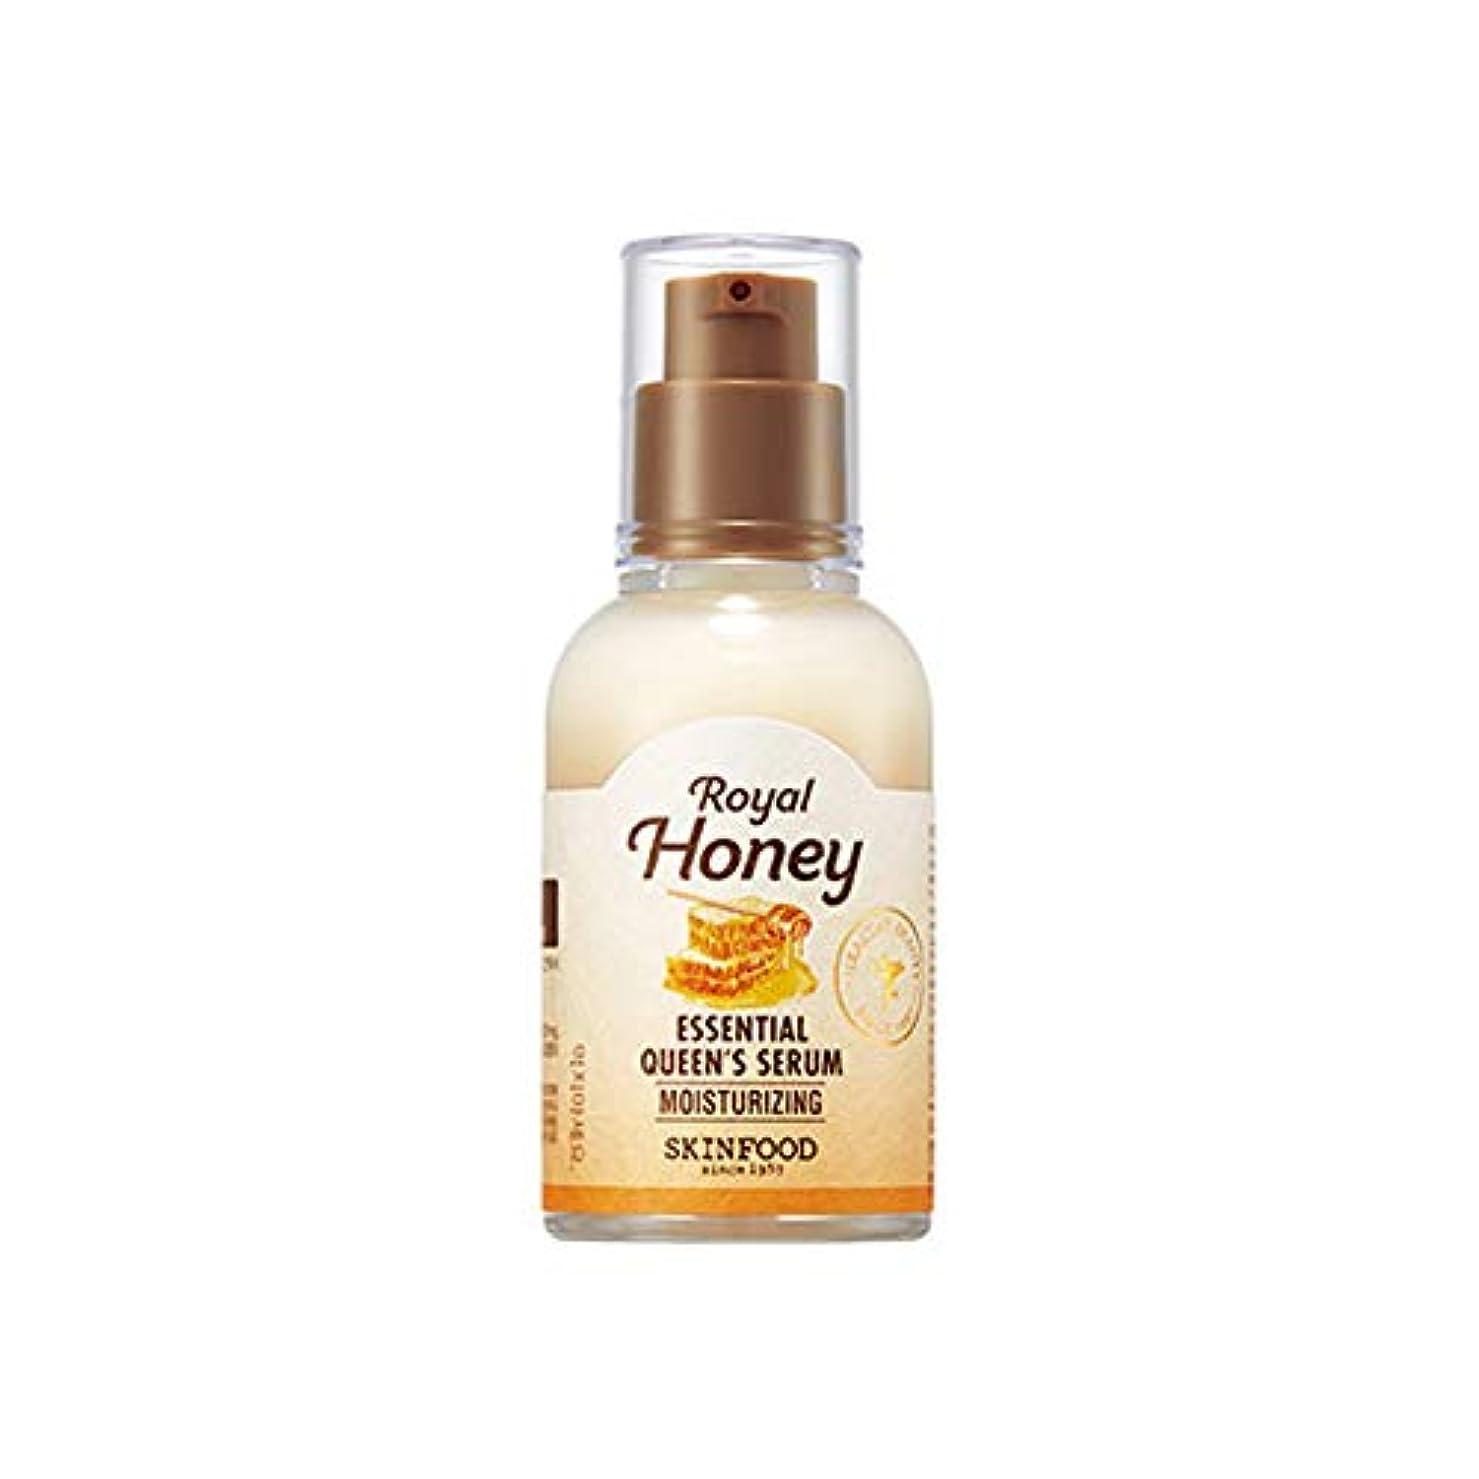 同意慎重にずっとSkinfood Royal Honey Essential Queen's Serum/ロイヤルハニーエッセンシャルオイルクイーンズ血清/50ml [並行輸入品]